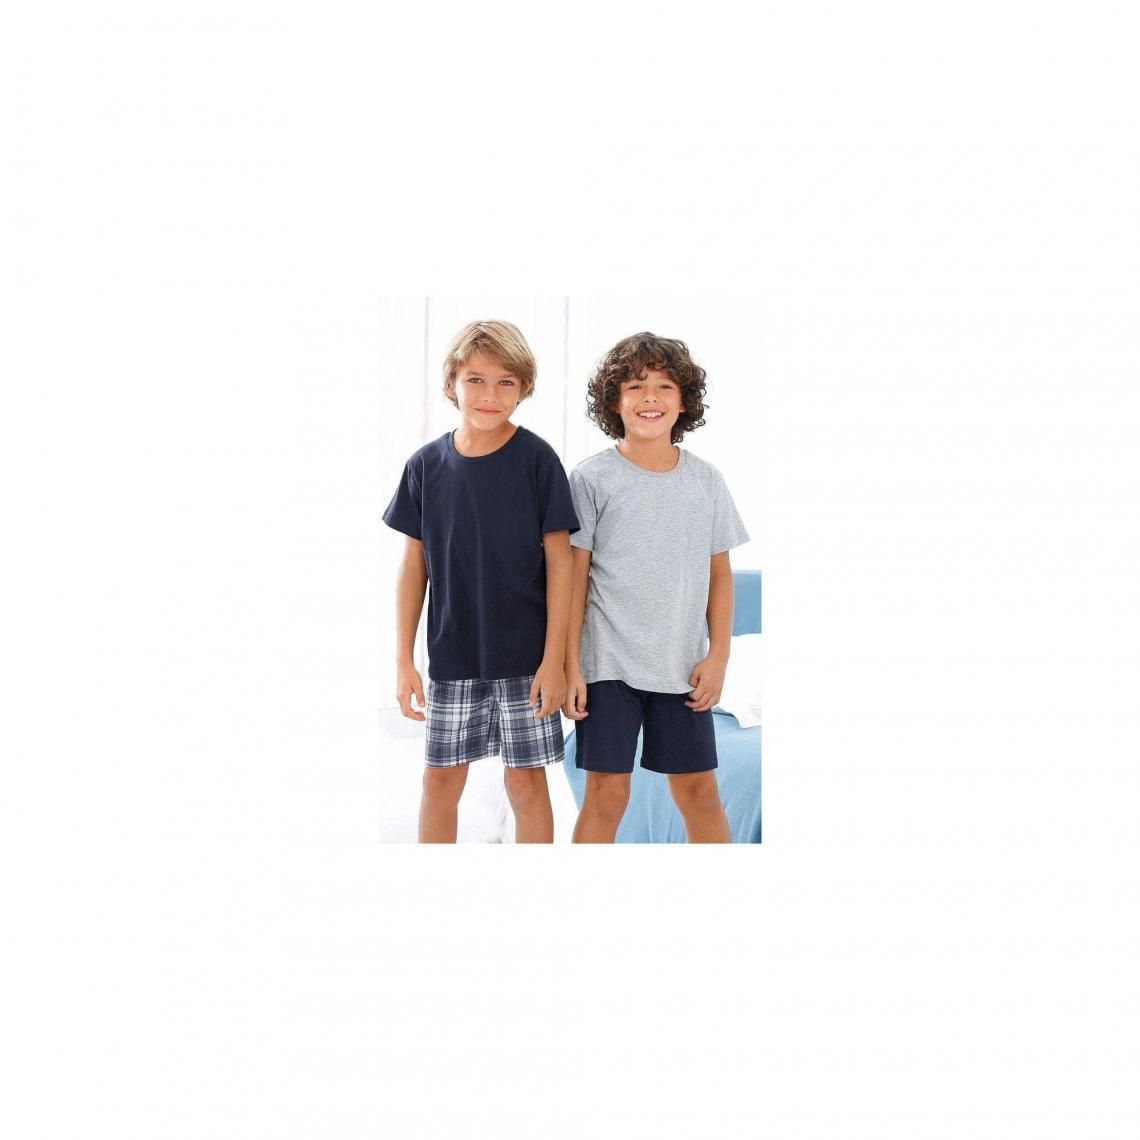 Lot de 2 pyjamas courts en coton gar�on Le Jogger - Gris - Marine - 3Suisses